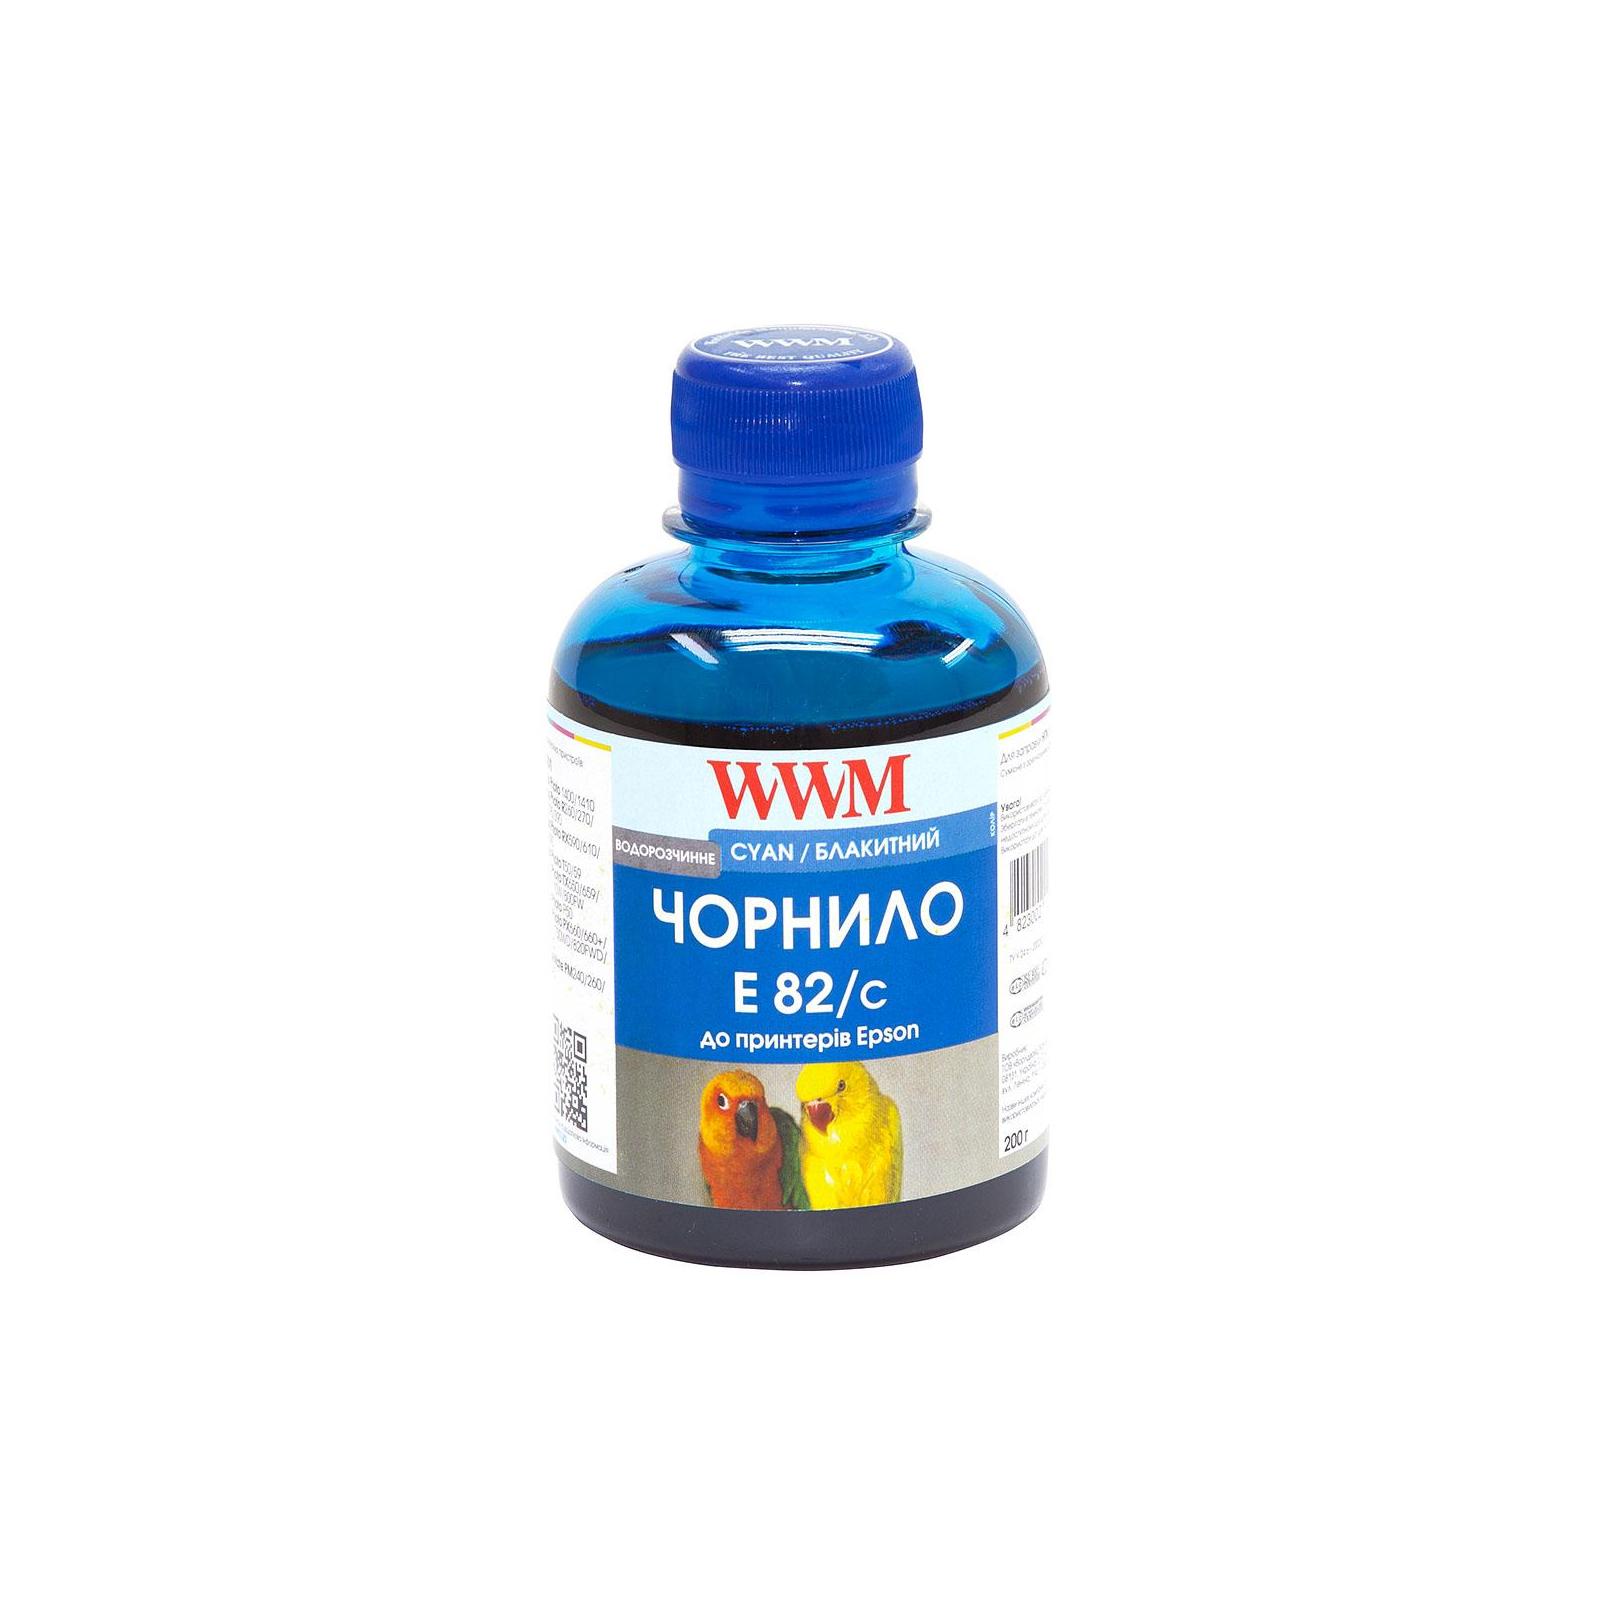 Чернила WWM EPSON StPhoto R270/290, Cyan (E82/C)